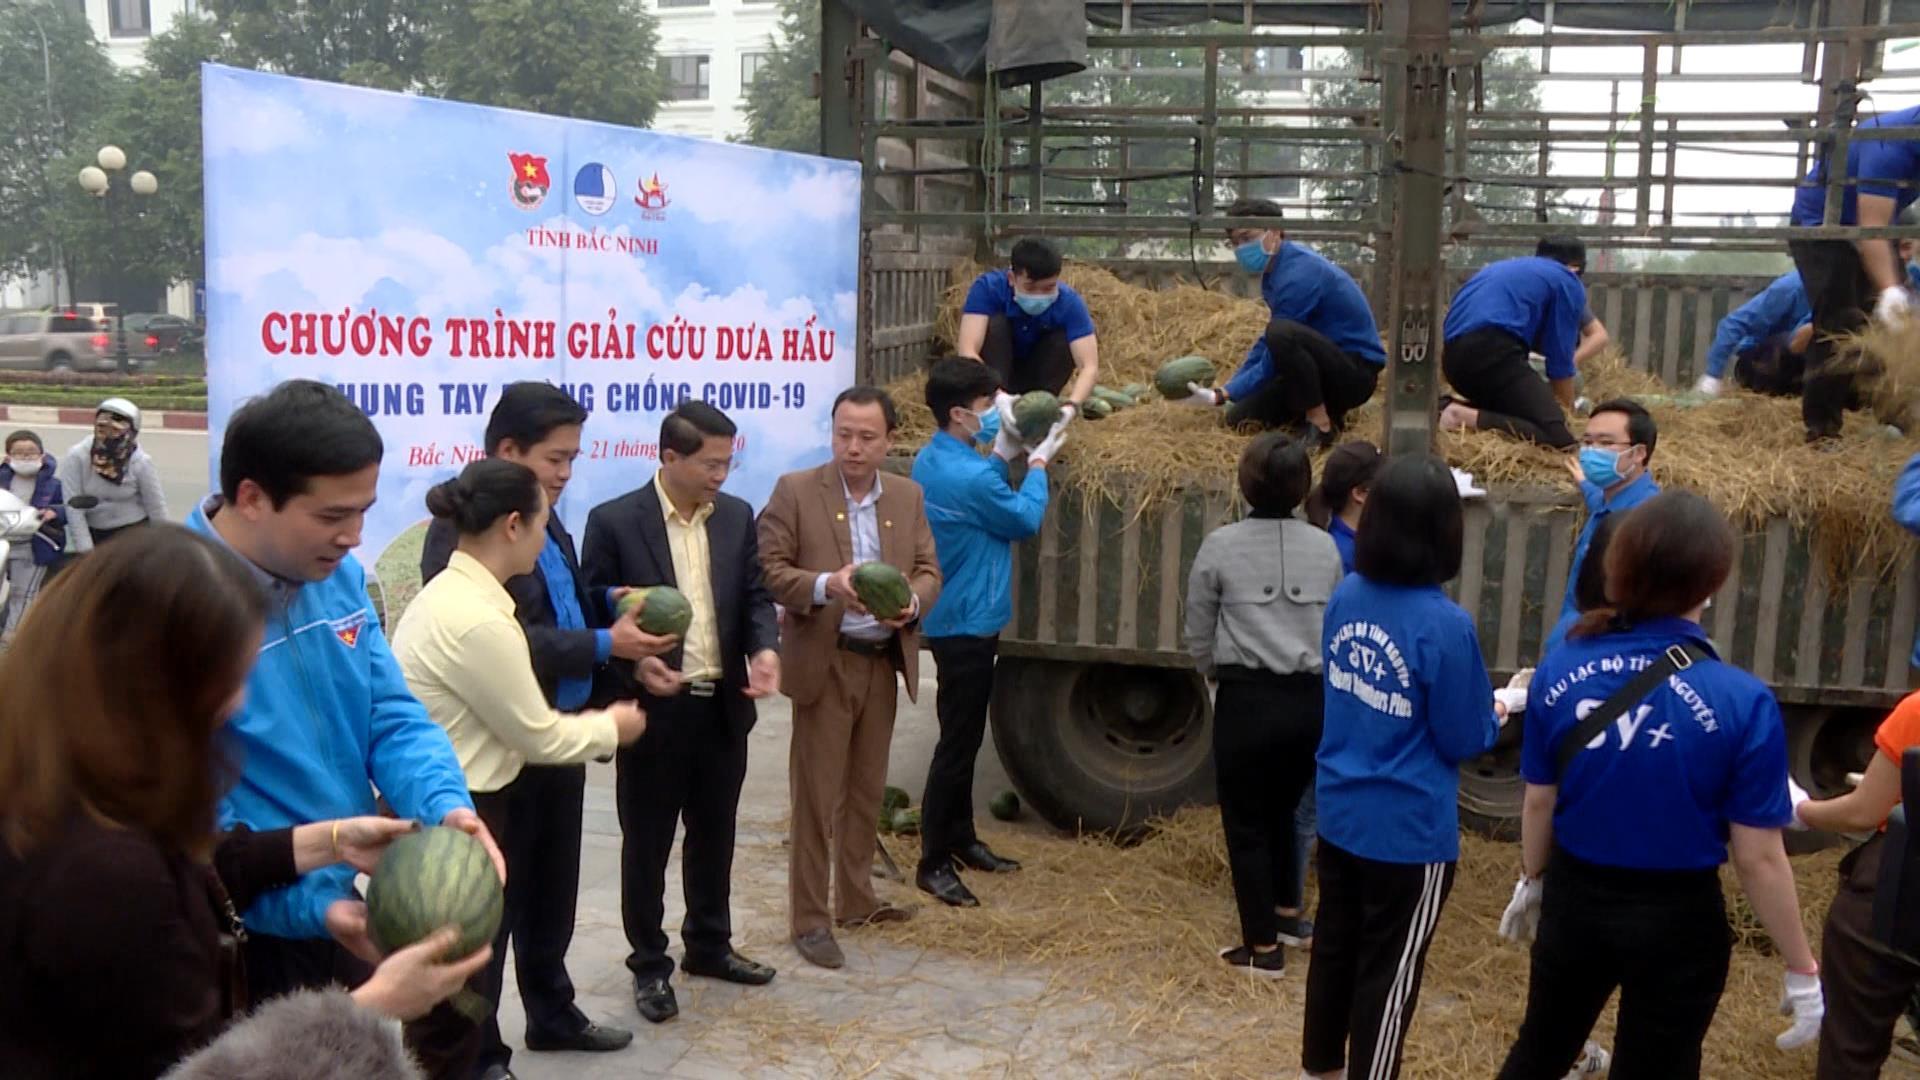 Tuổi trẻ Bắc Ninh hỗ trợ người dân Tây Nguyên tiêu thụ dưa hấu Chung tay cùng cộng đồng phòng chống Covid – 19